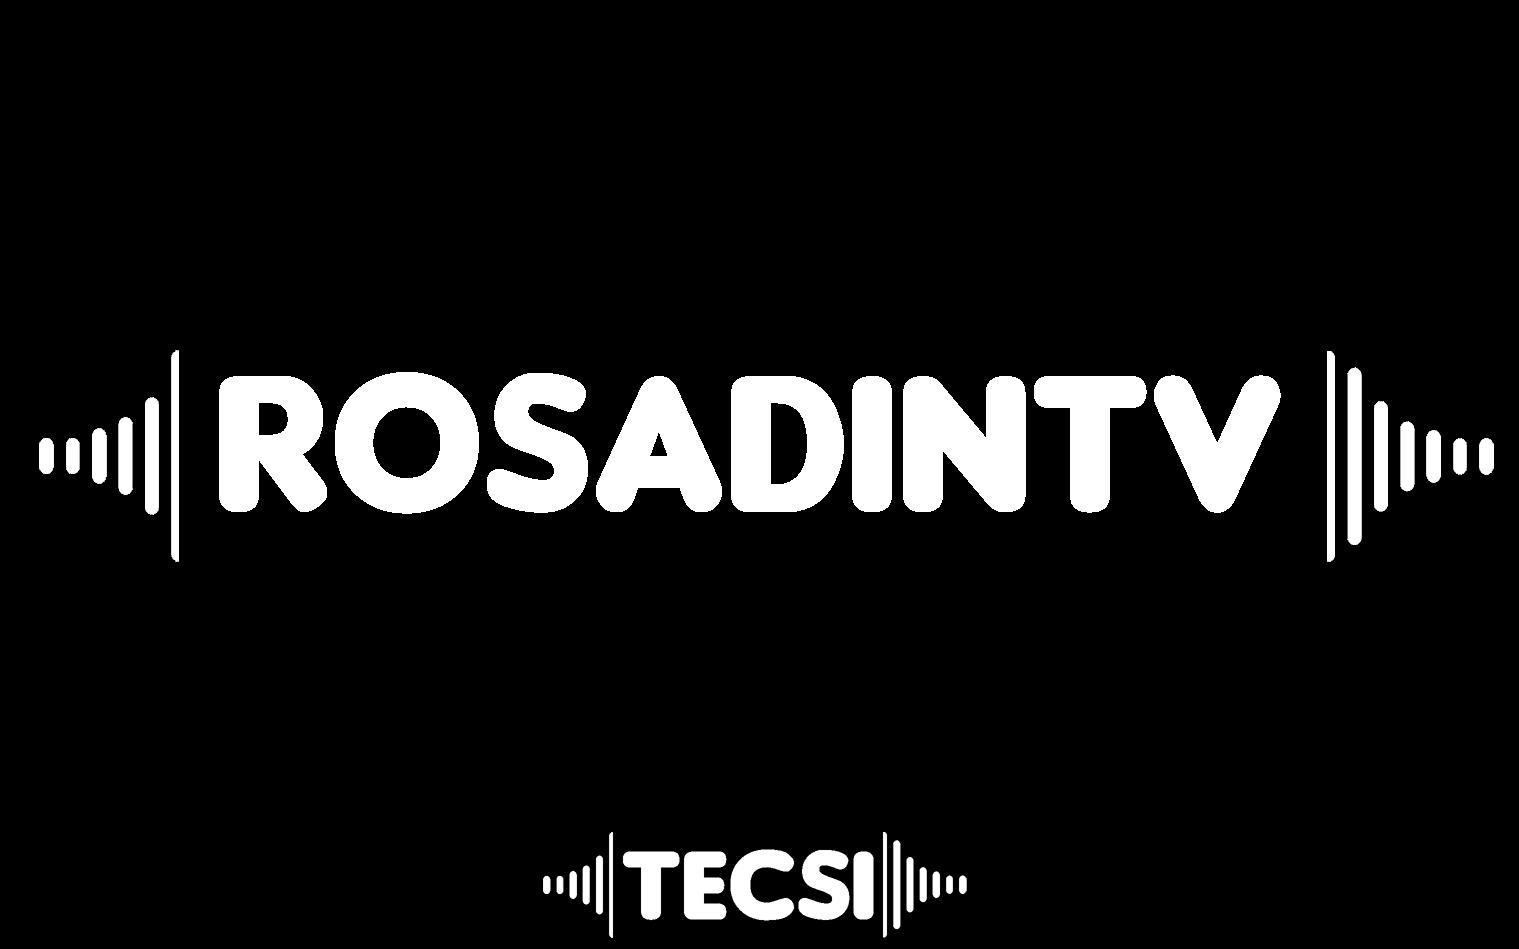 rosadin-tv